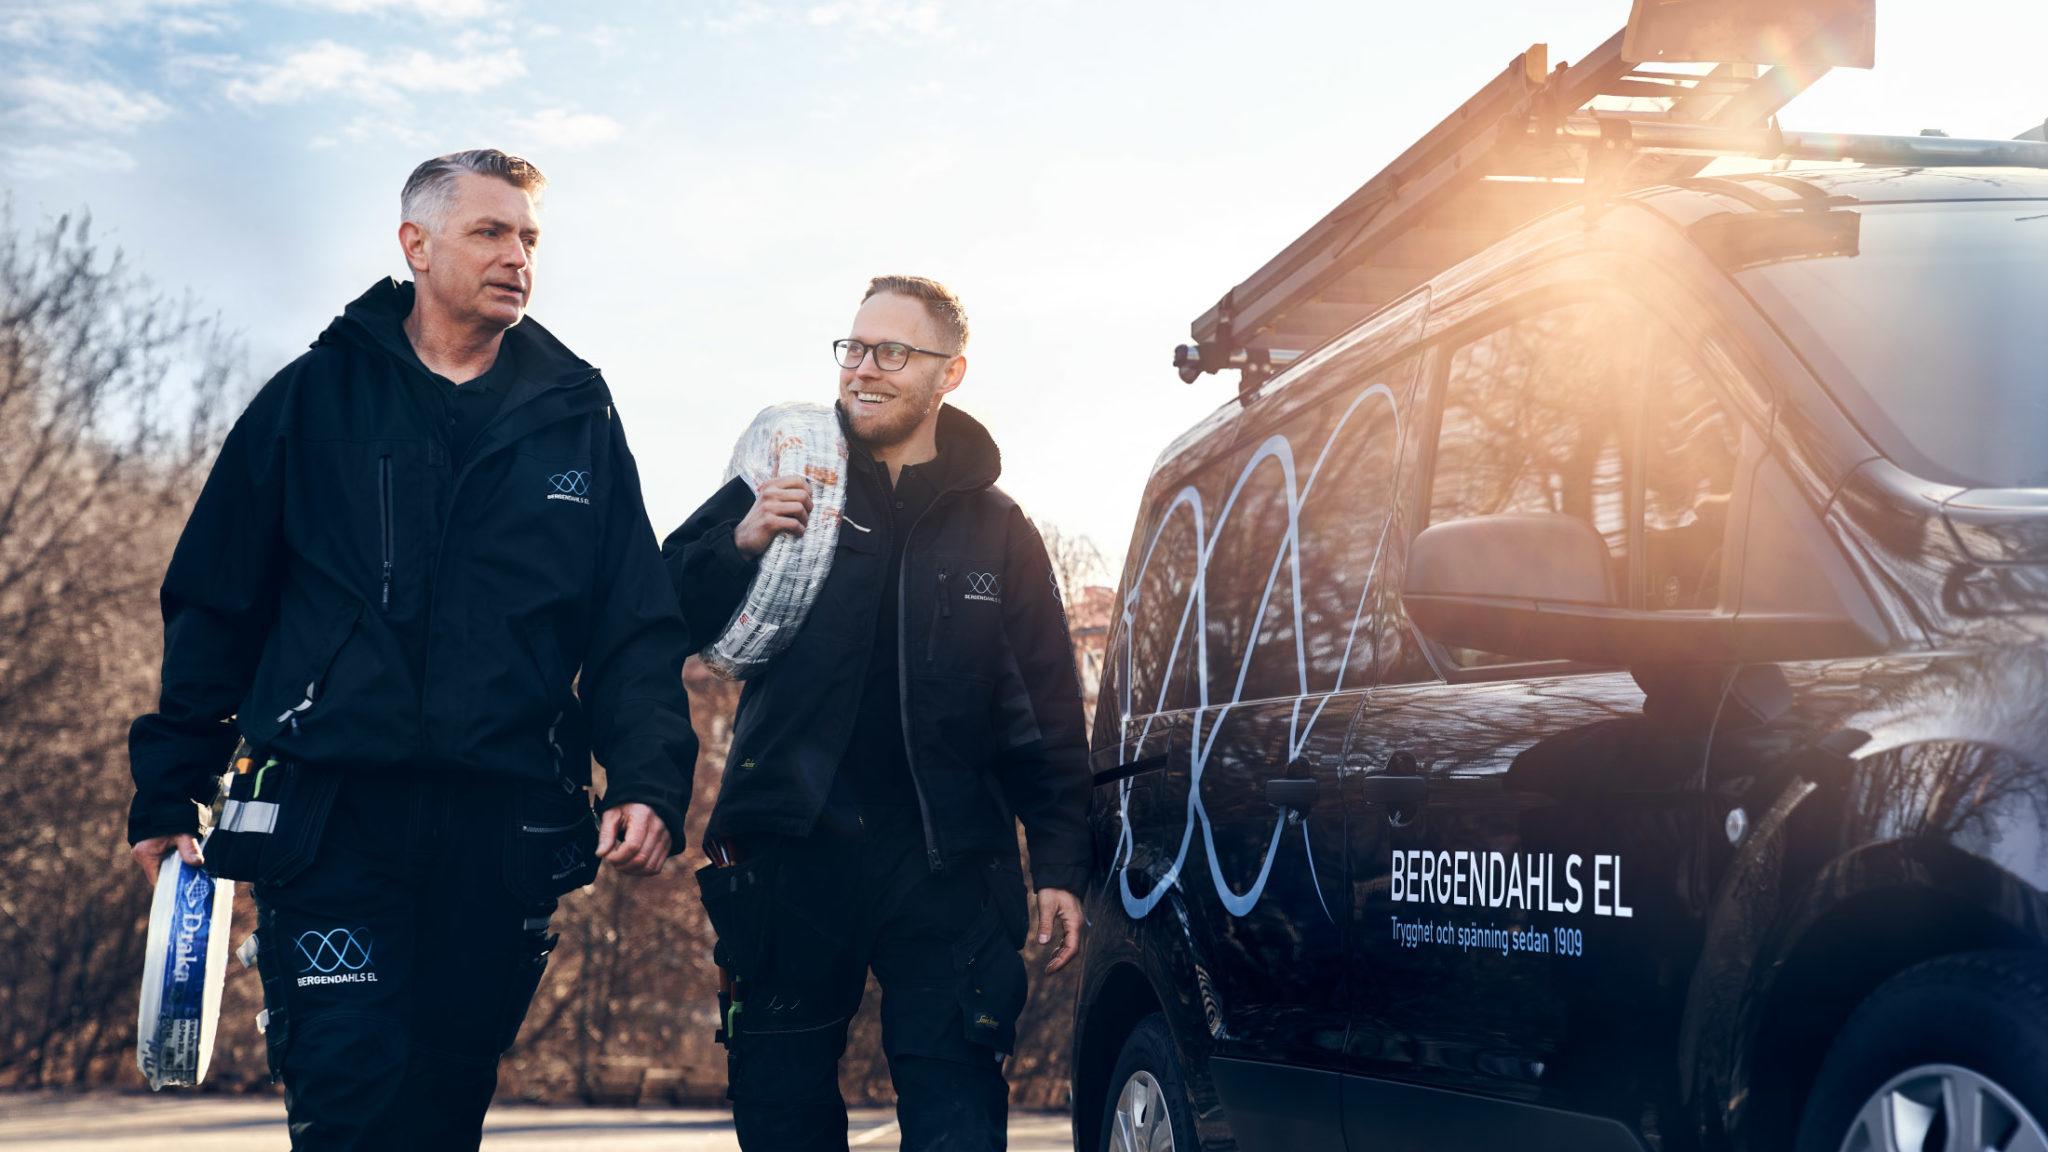 Bergendahls el Tjänsteområde Service